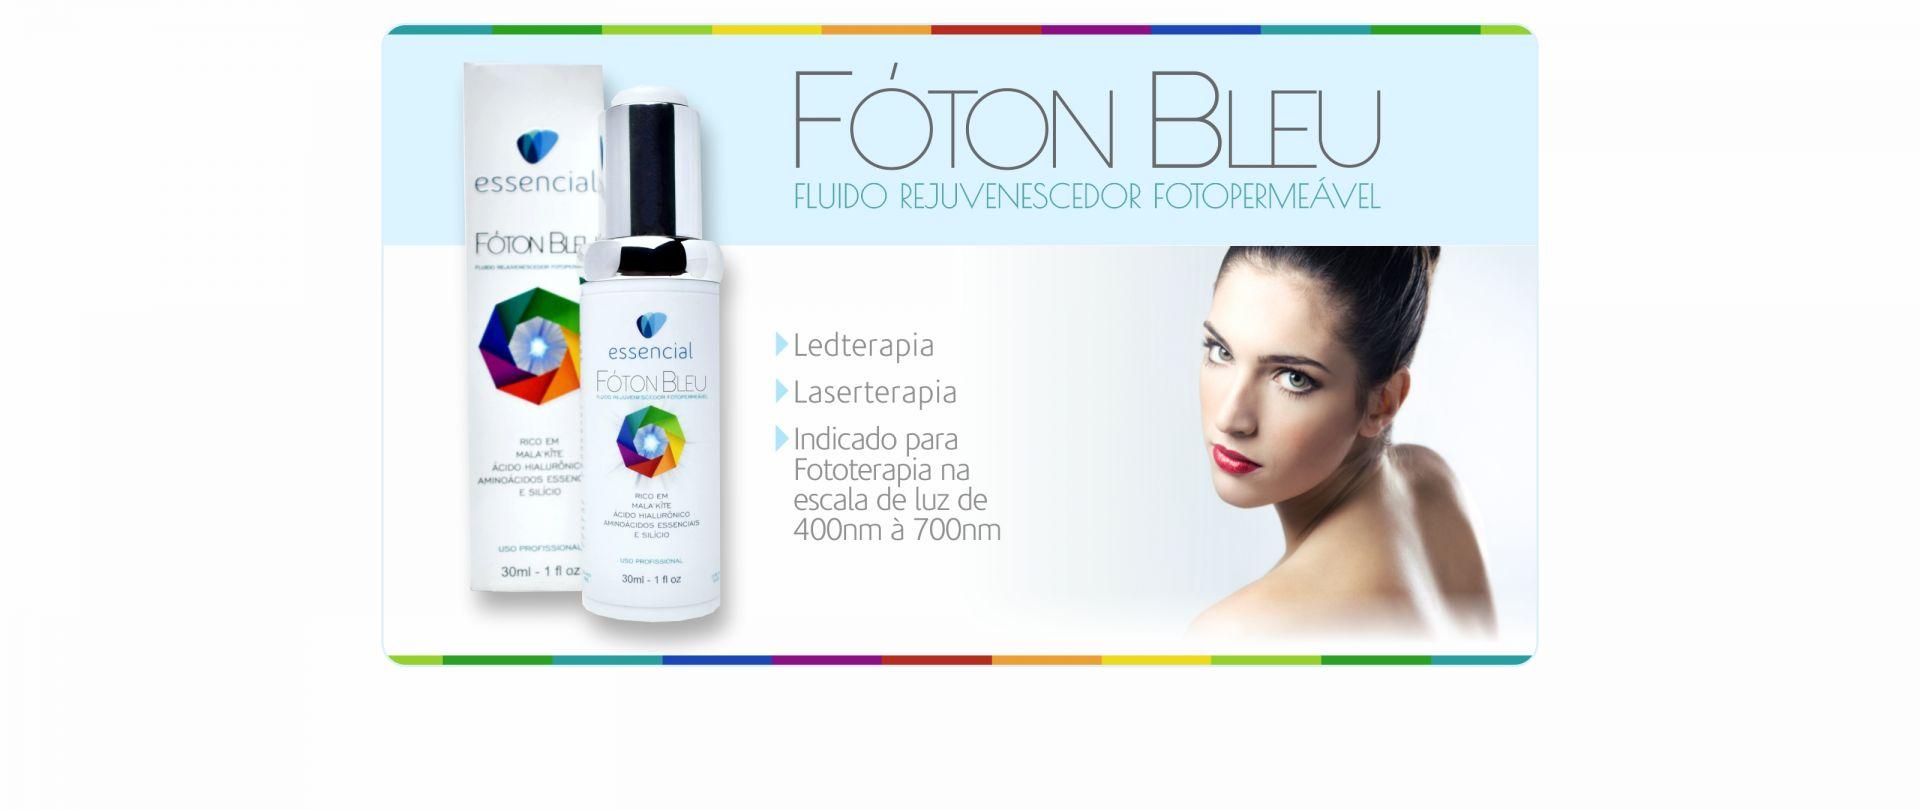 Fóton Bleu